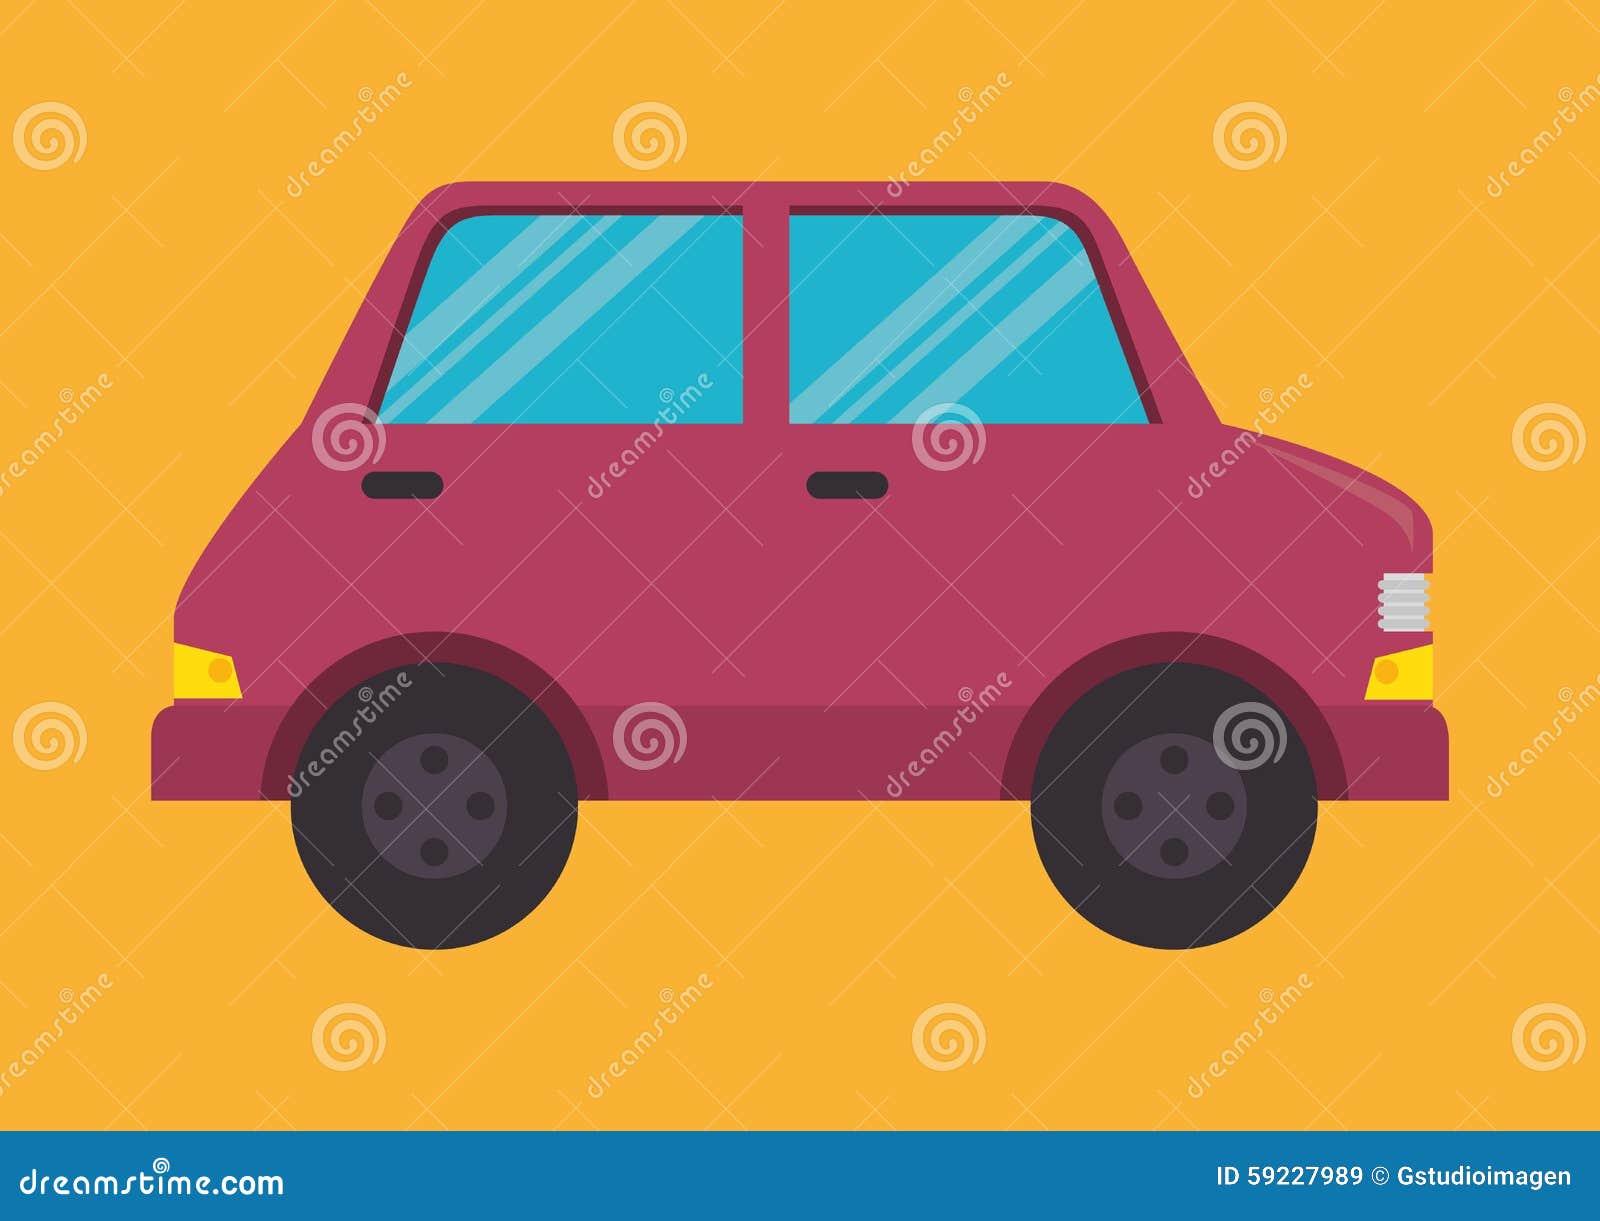 Download Transporte y vehículos ilustración del vector. Ilustración de solución - 59227989